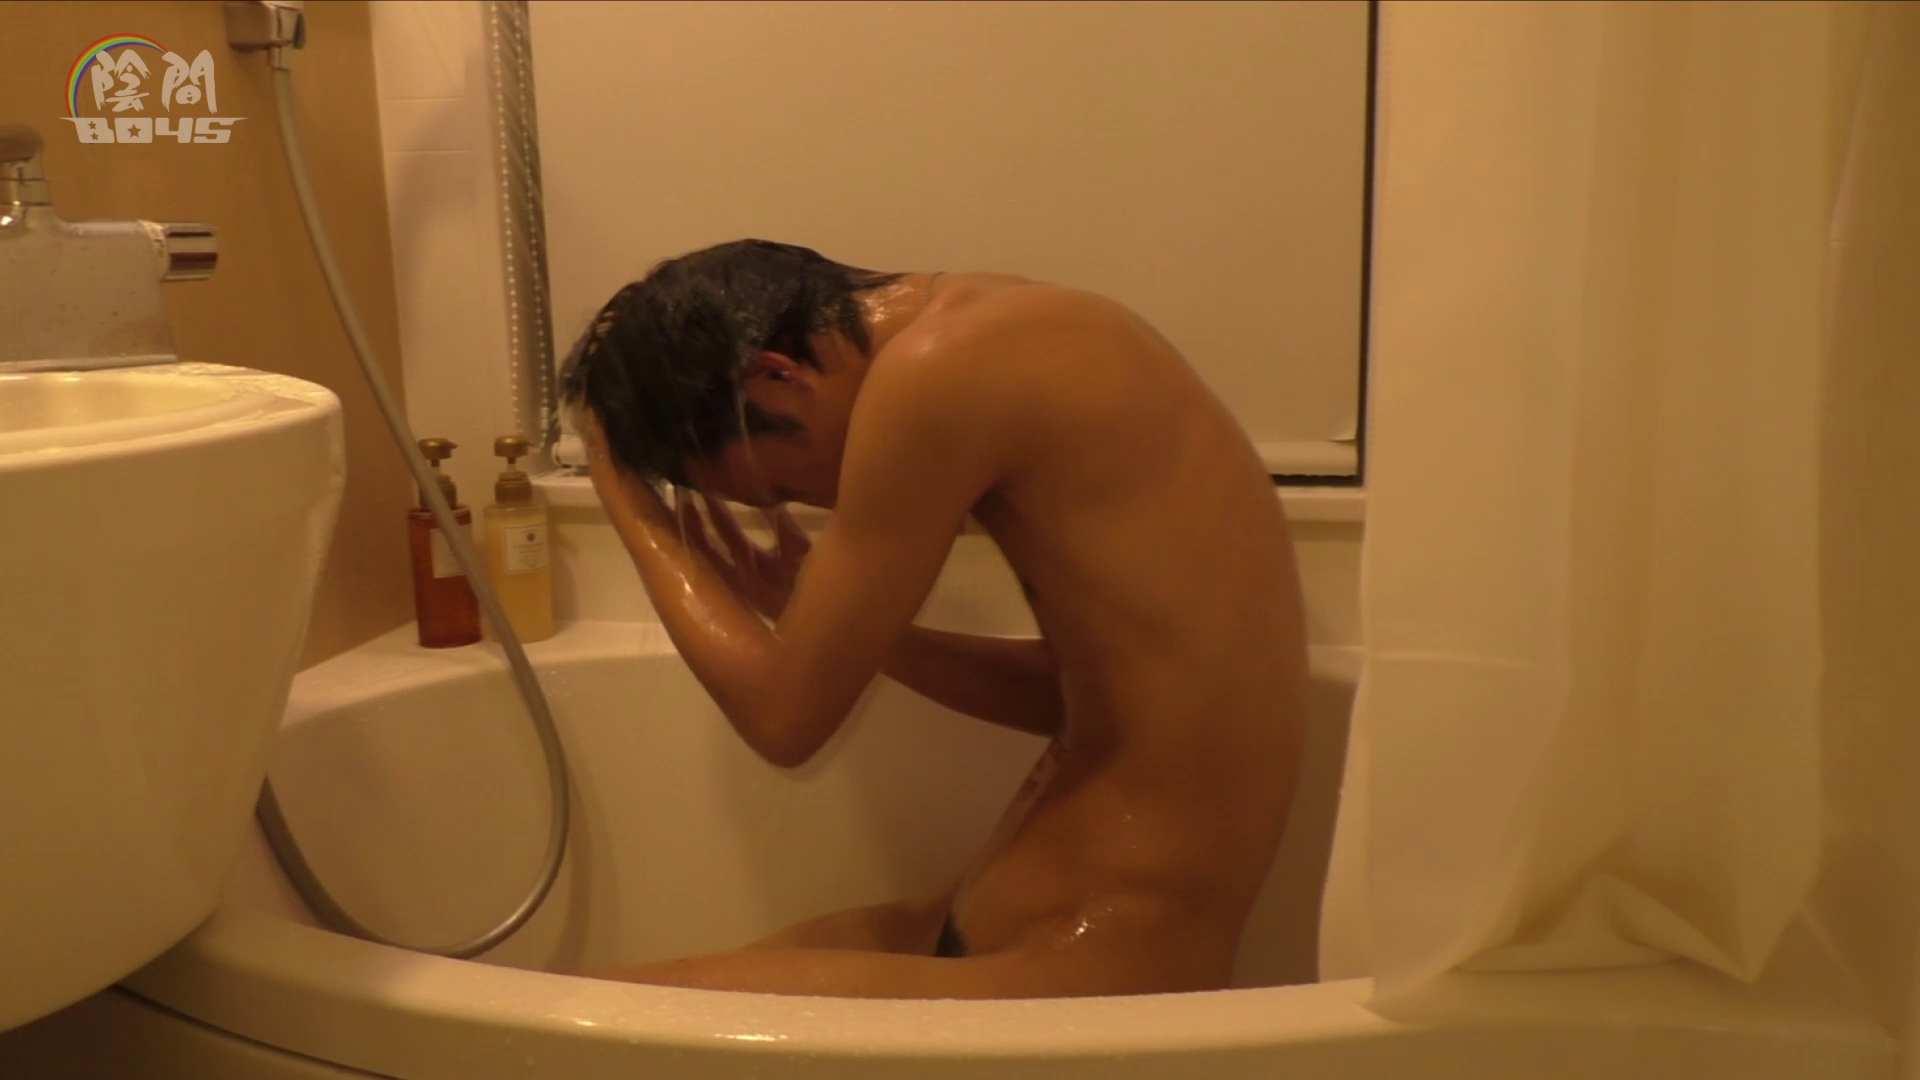 陰間BOYS~「アナルだけは許して…3」~02 アナル挿入 ゲイエロ動画 72pic 23